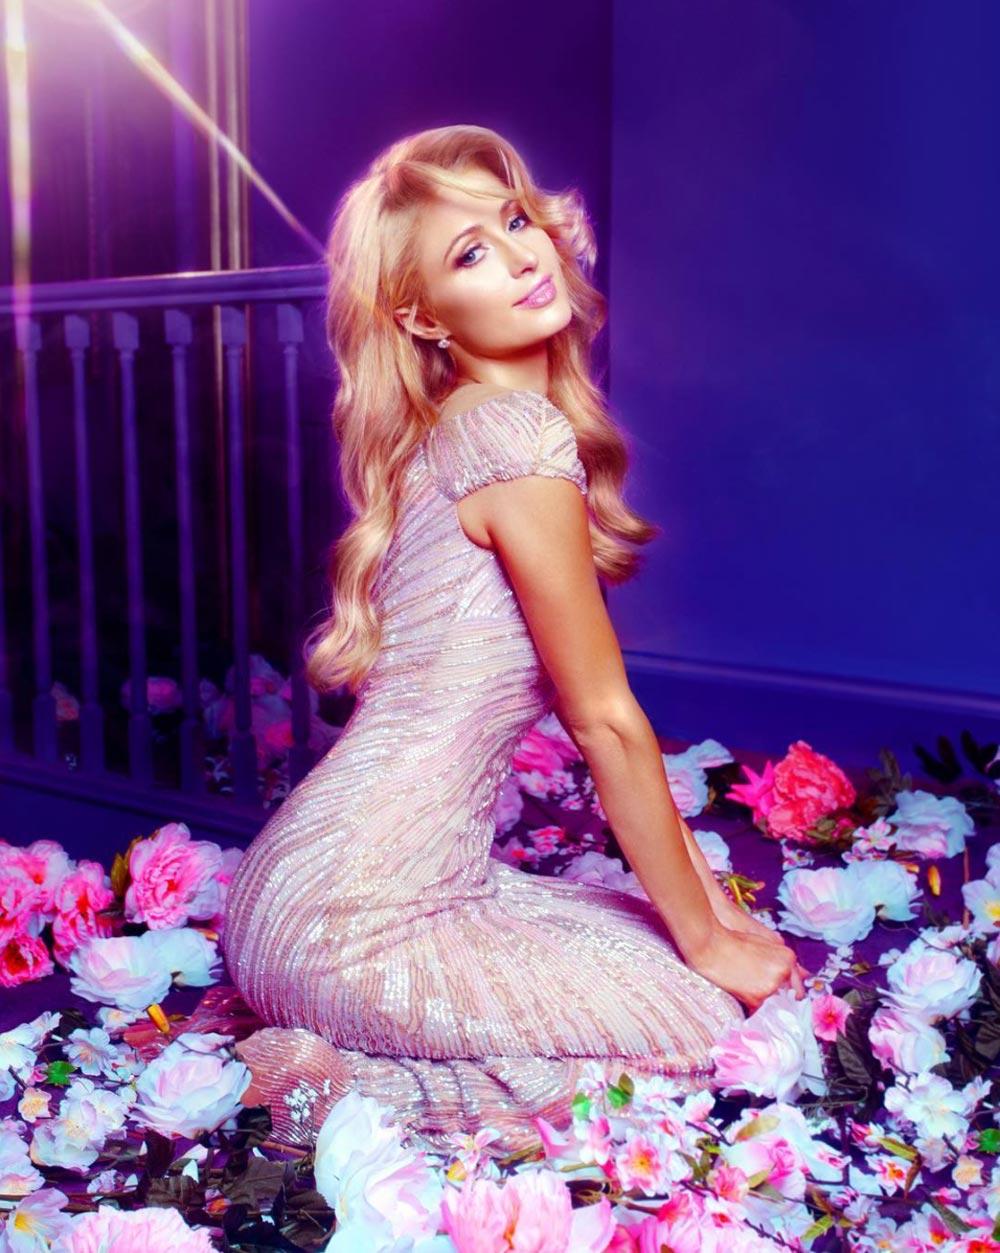 Paris Hilton Kim Kardashian Yeezy Season 6